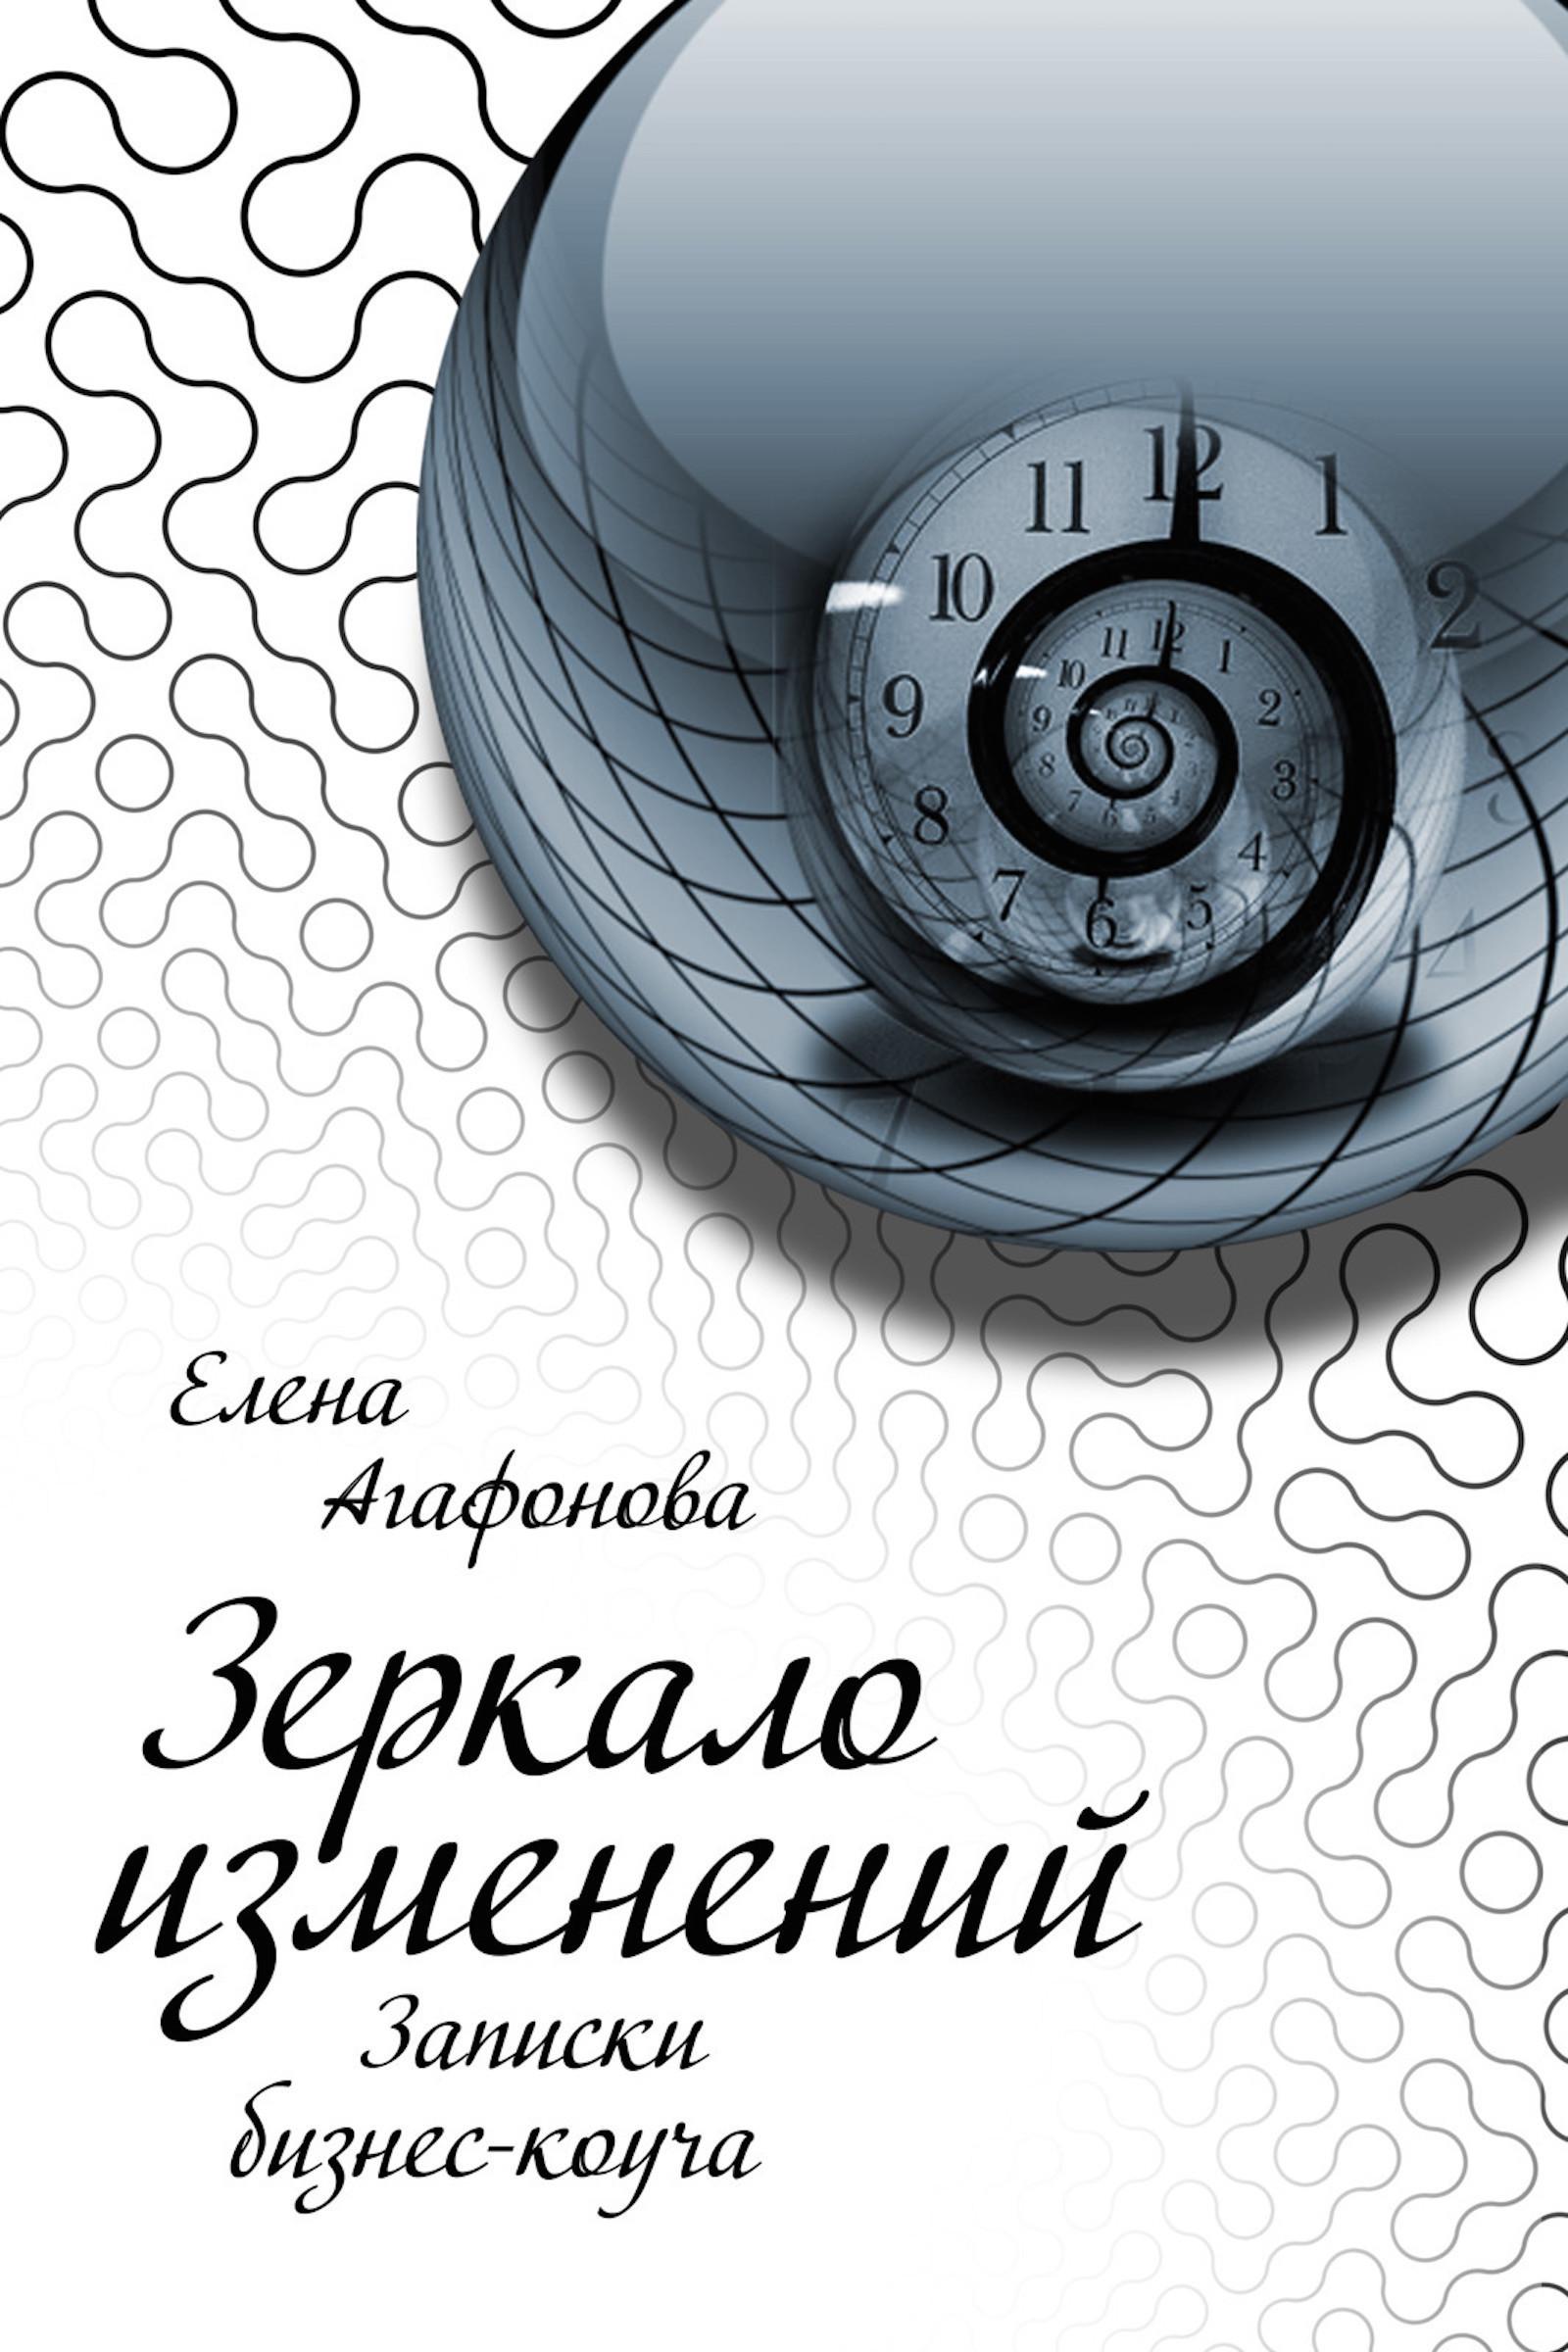 Зеркало Изменений Елена Агафонова